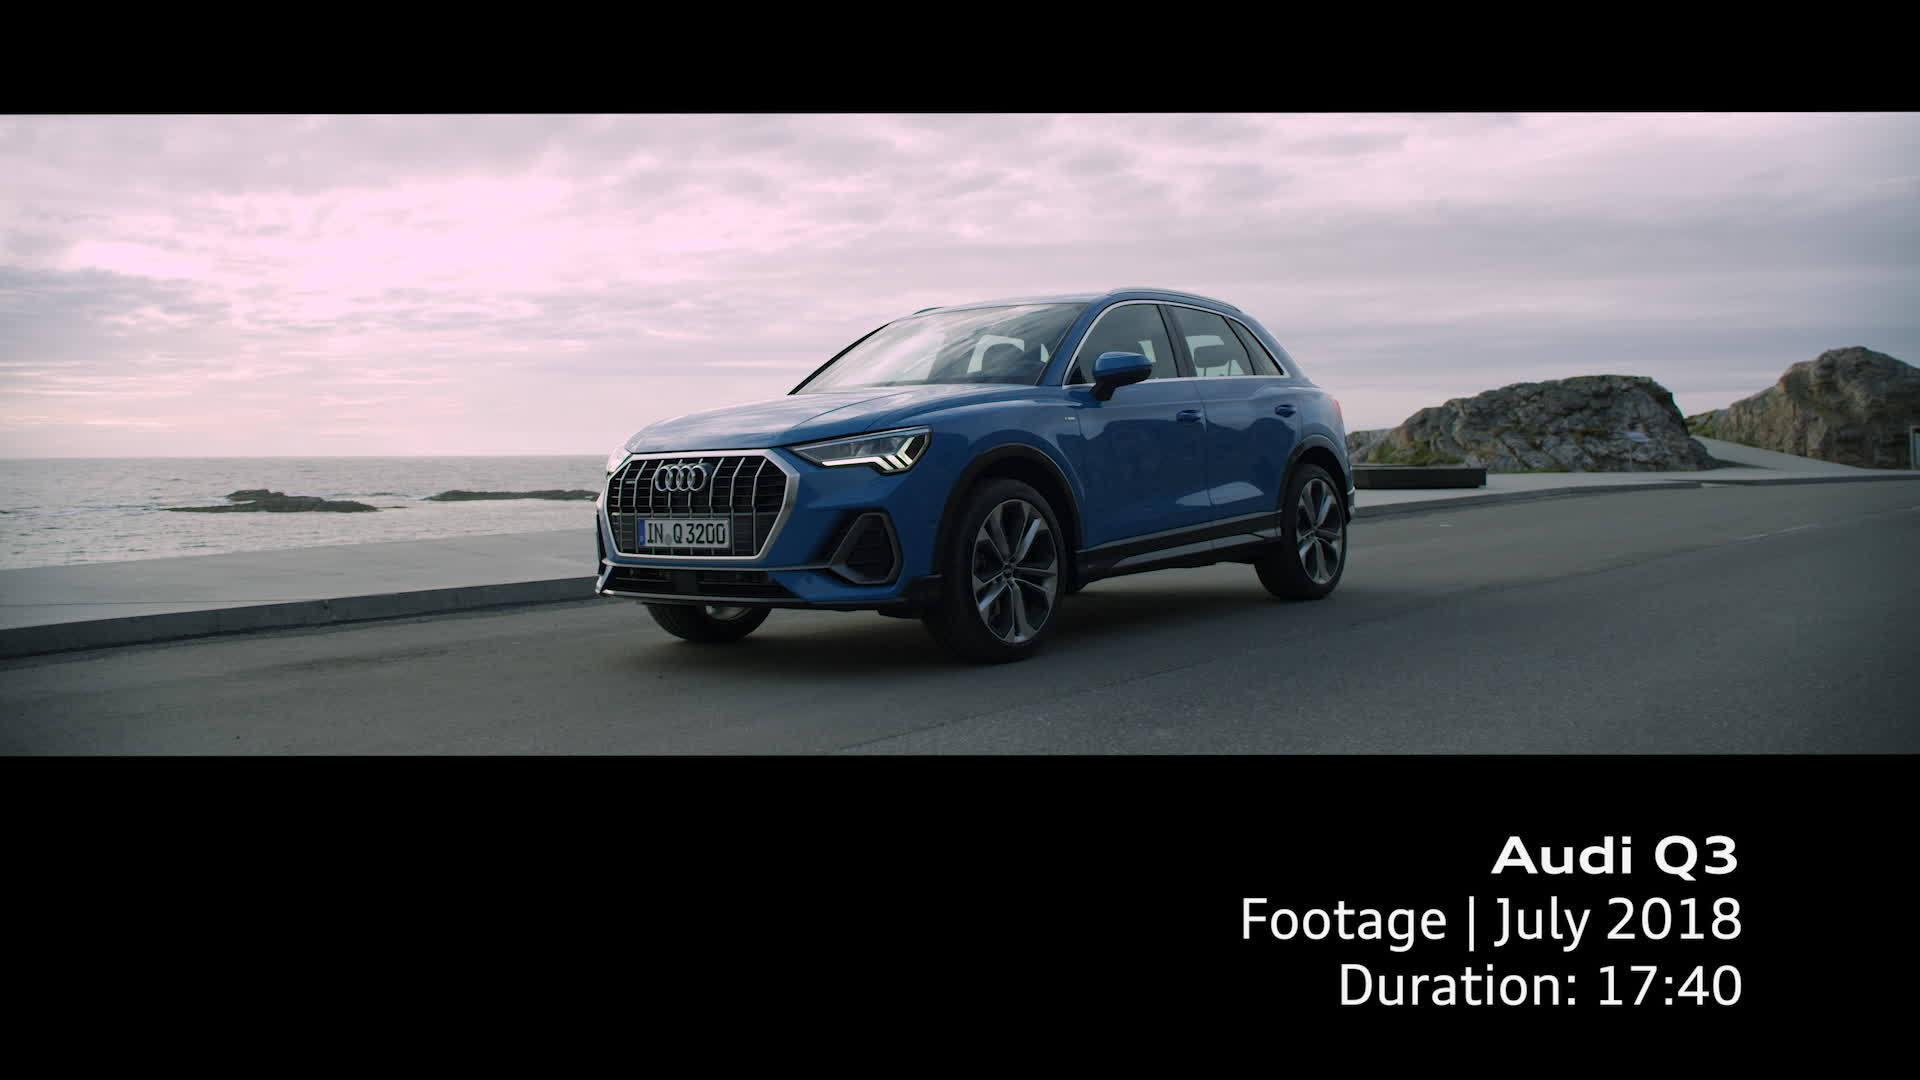 Audi Q3 Footage 2018